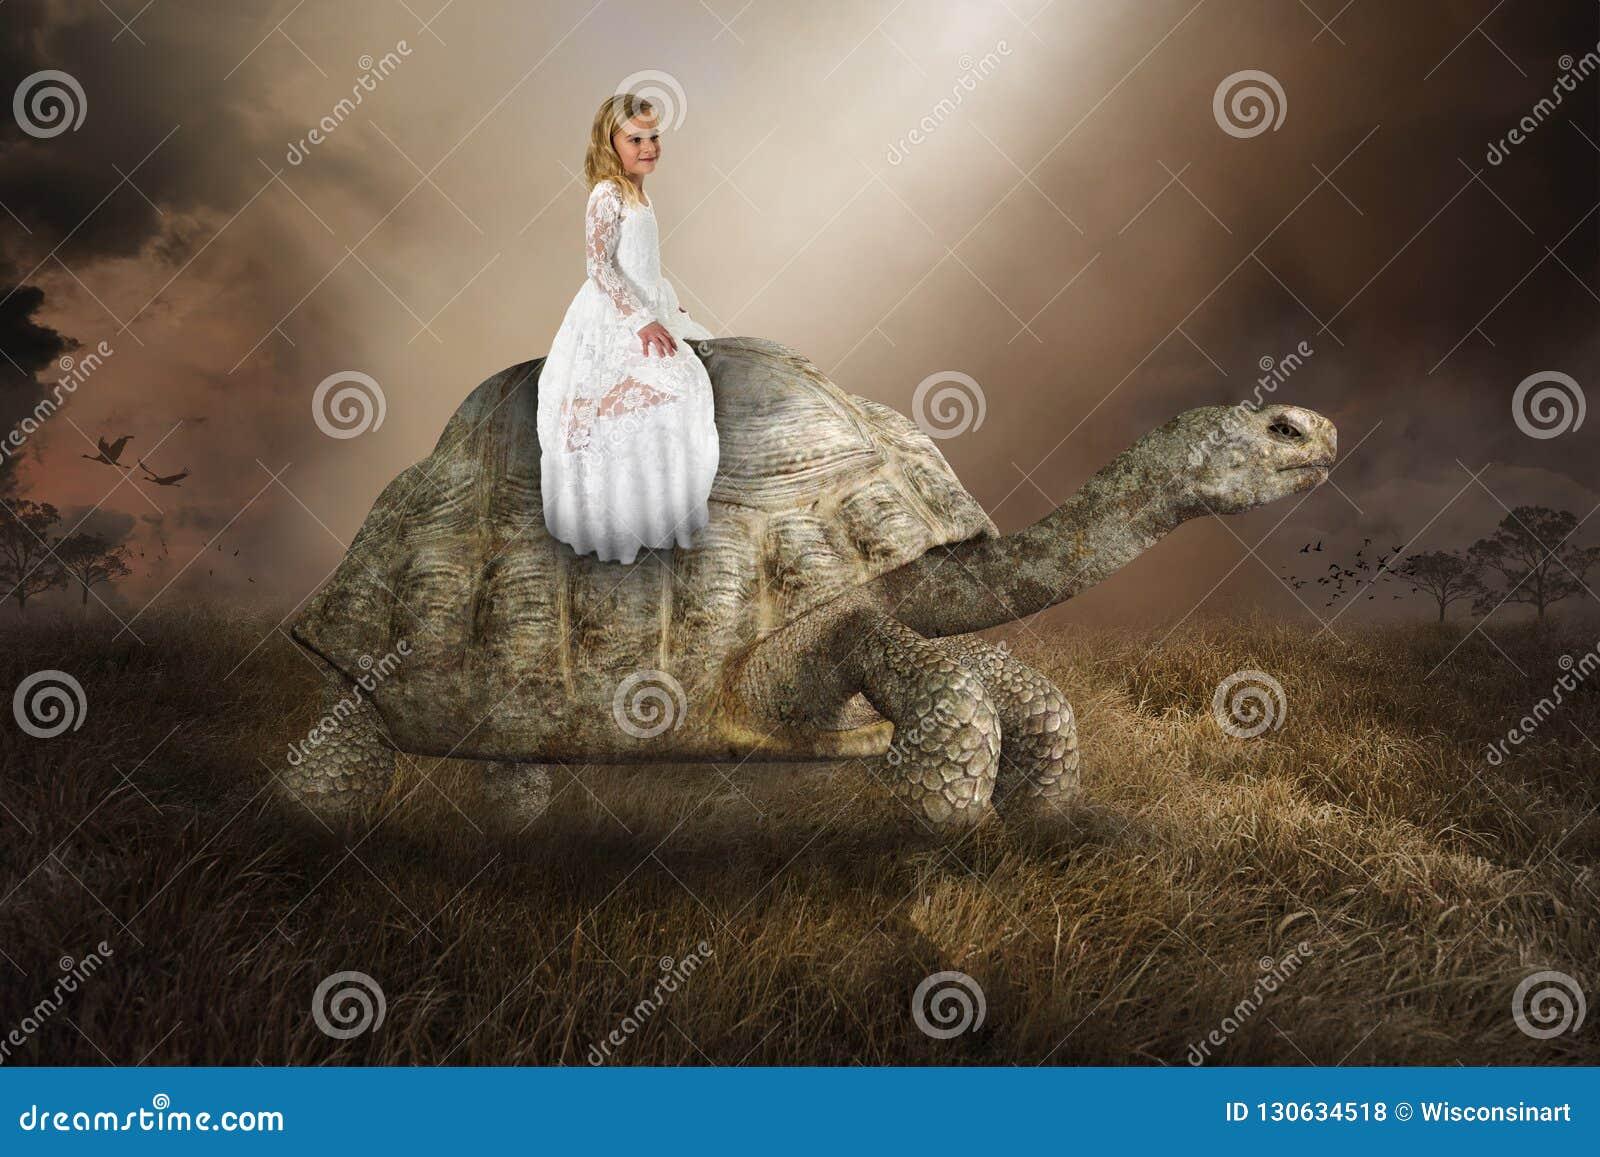 超现实的女孩,乌龟,草龟,自然,和平,爱